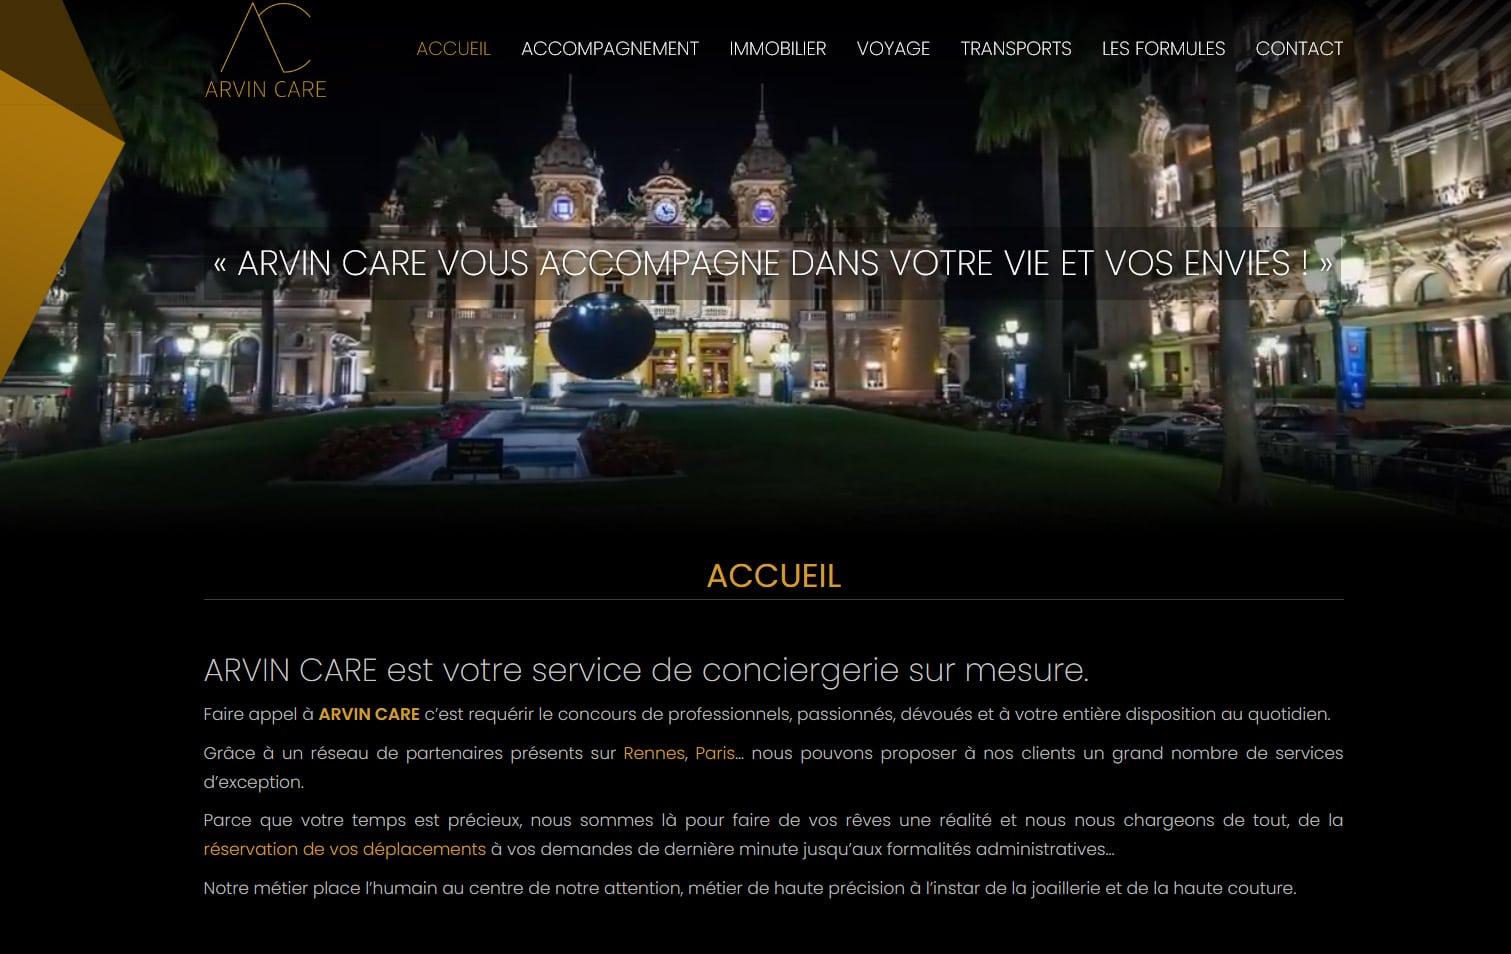 ARVIN-CARE—Conciergerie-Rennes,-service-conciergerie-Haut-de-gamme